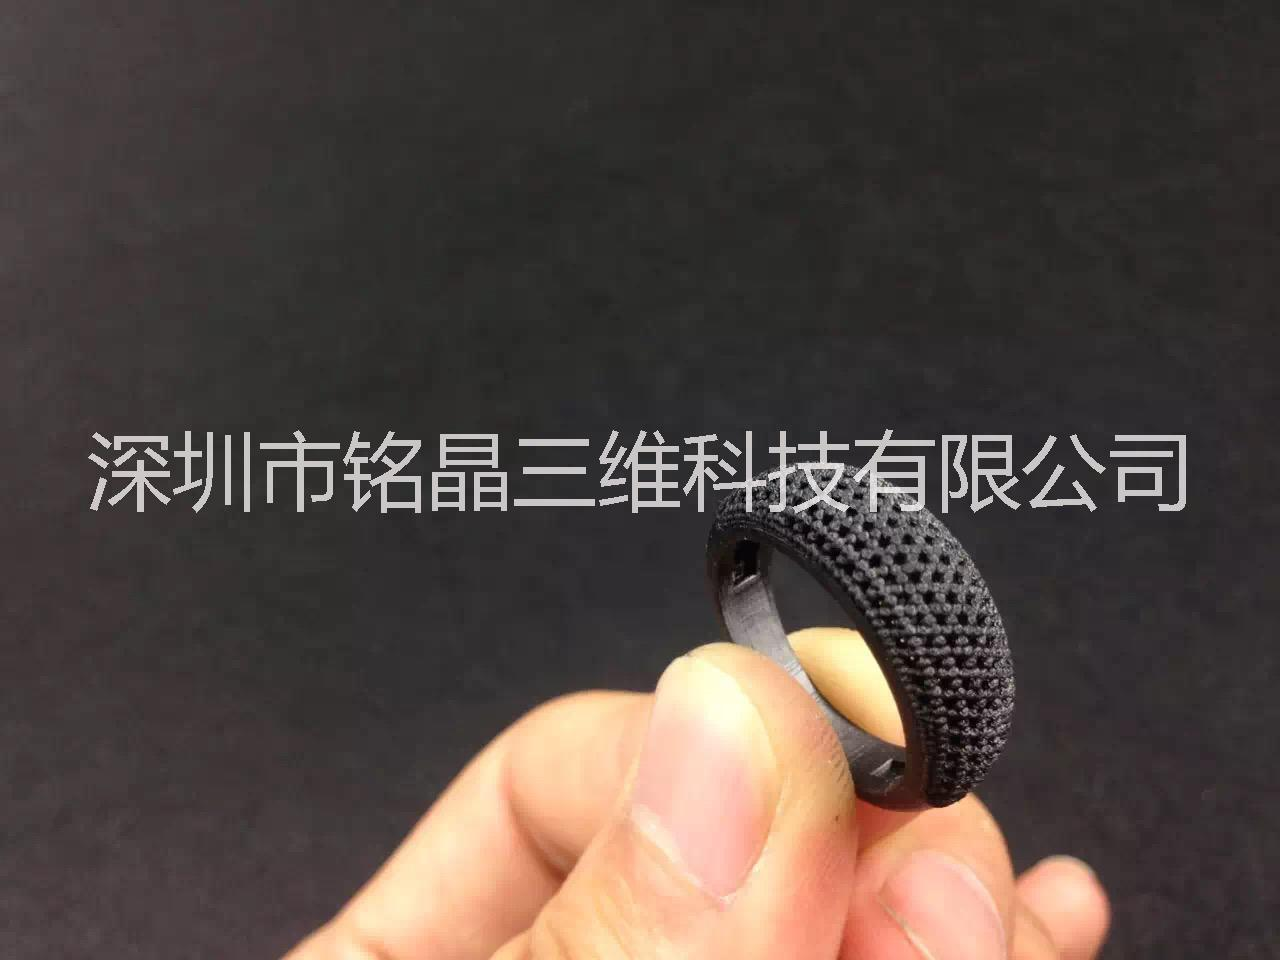 3D打印珠宝模型 珠宝定制  深圳田贝水贝珠宝加工